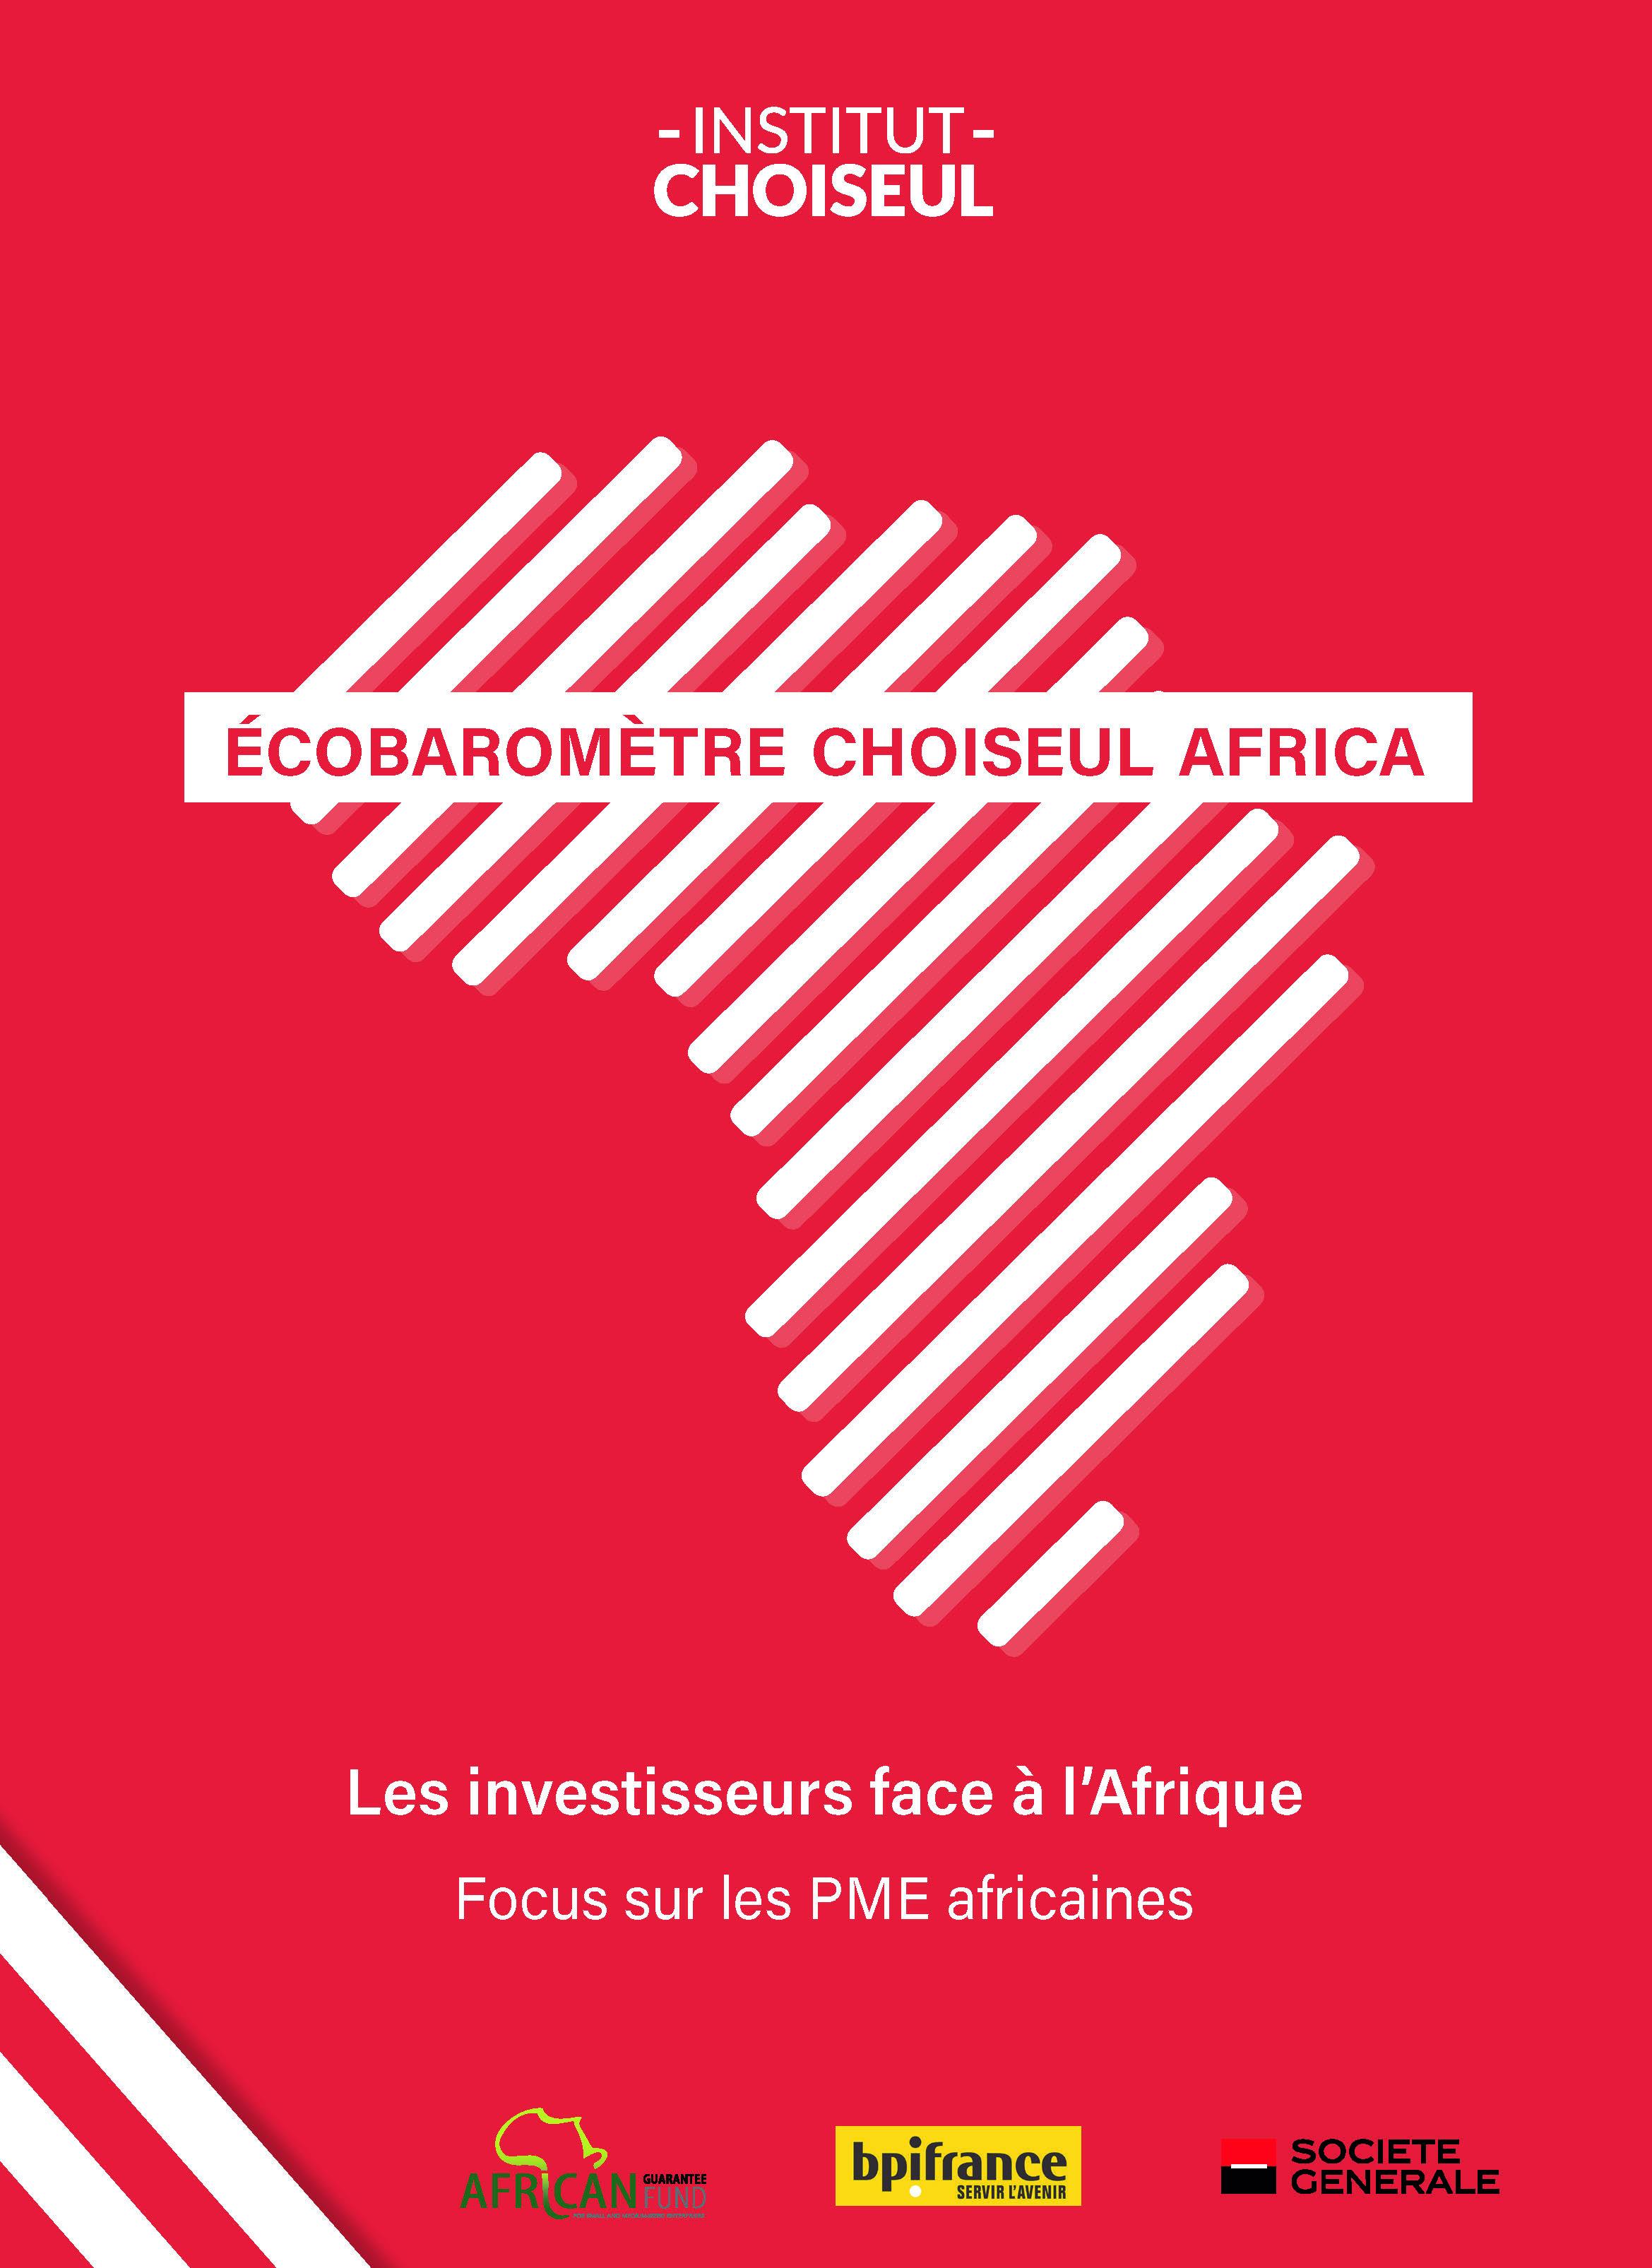 Écobaromètre Choiseul Africa